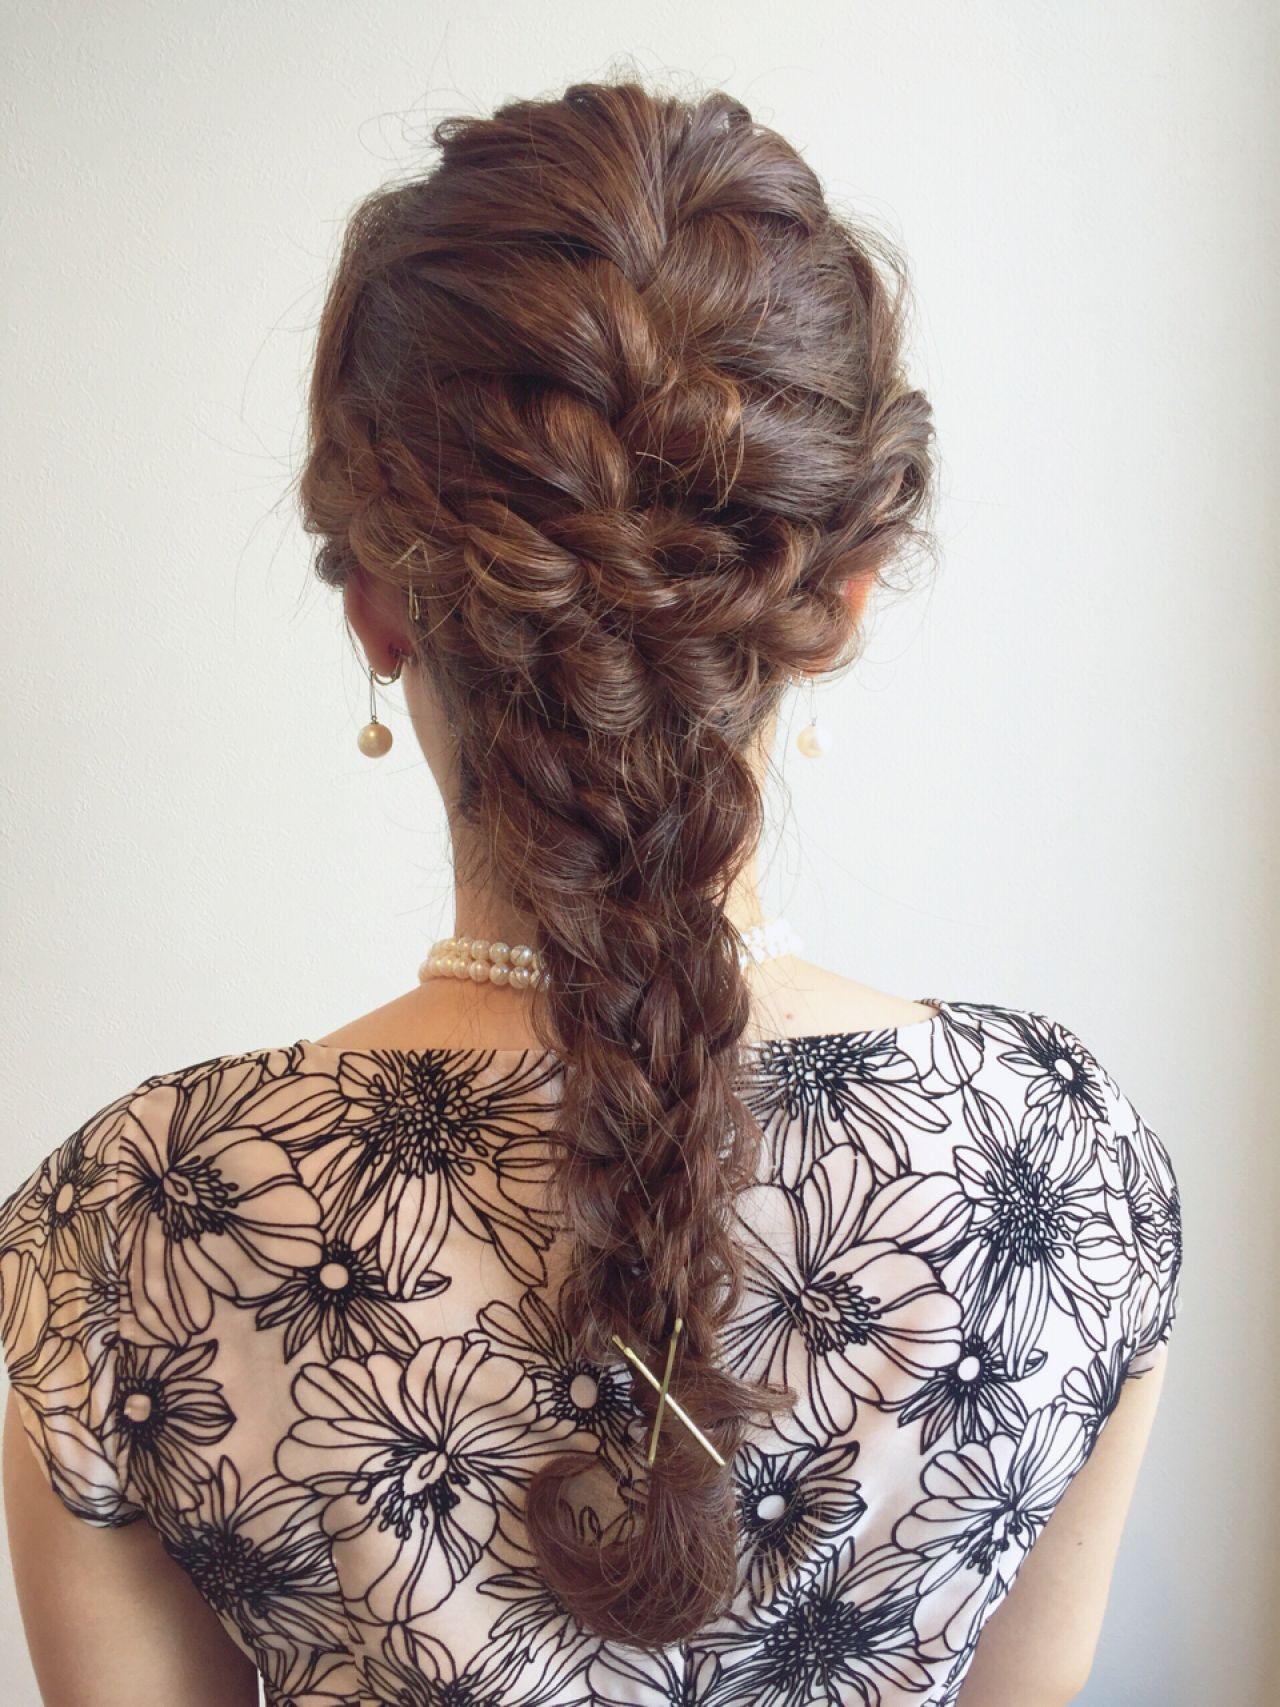 フェミニン 編み込み ディズニー 四つ編み ヘアスタイルや髪型の写真・画像